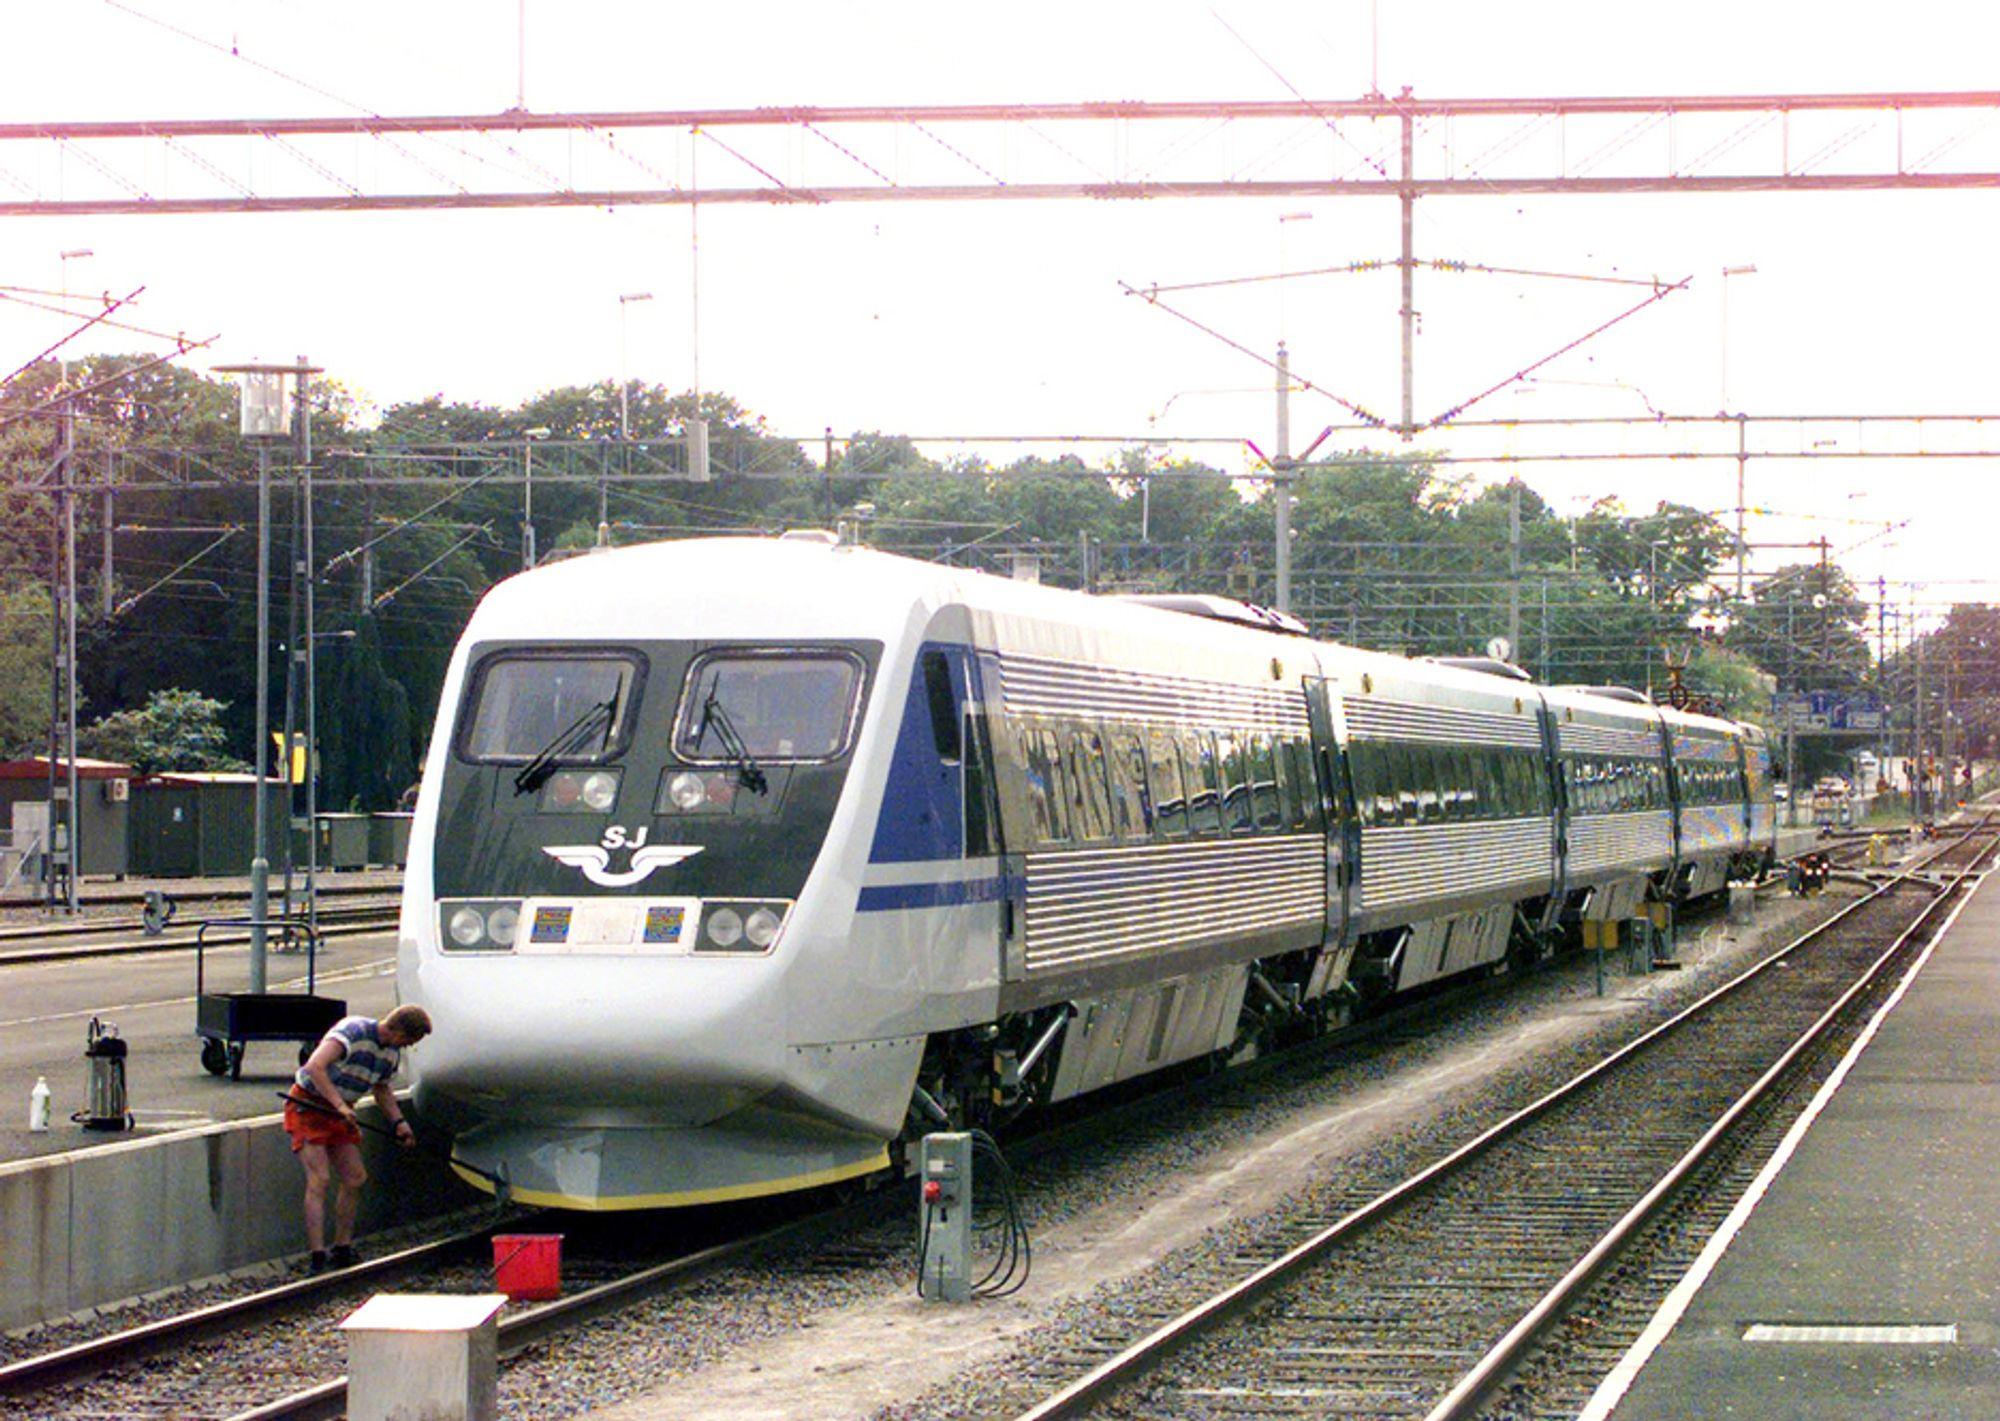 MILJØ-NEI: Ekspertvurderinger taler mot høyhastighetstog mellom Stockholm og Gøteborg.